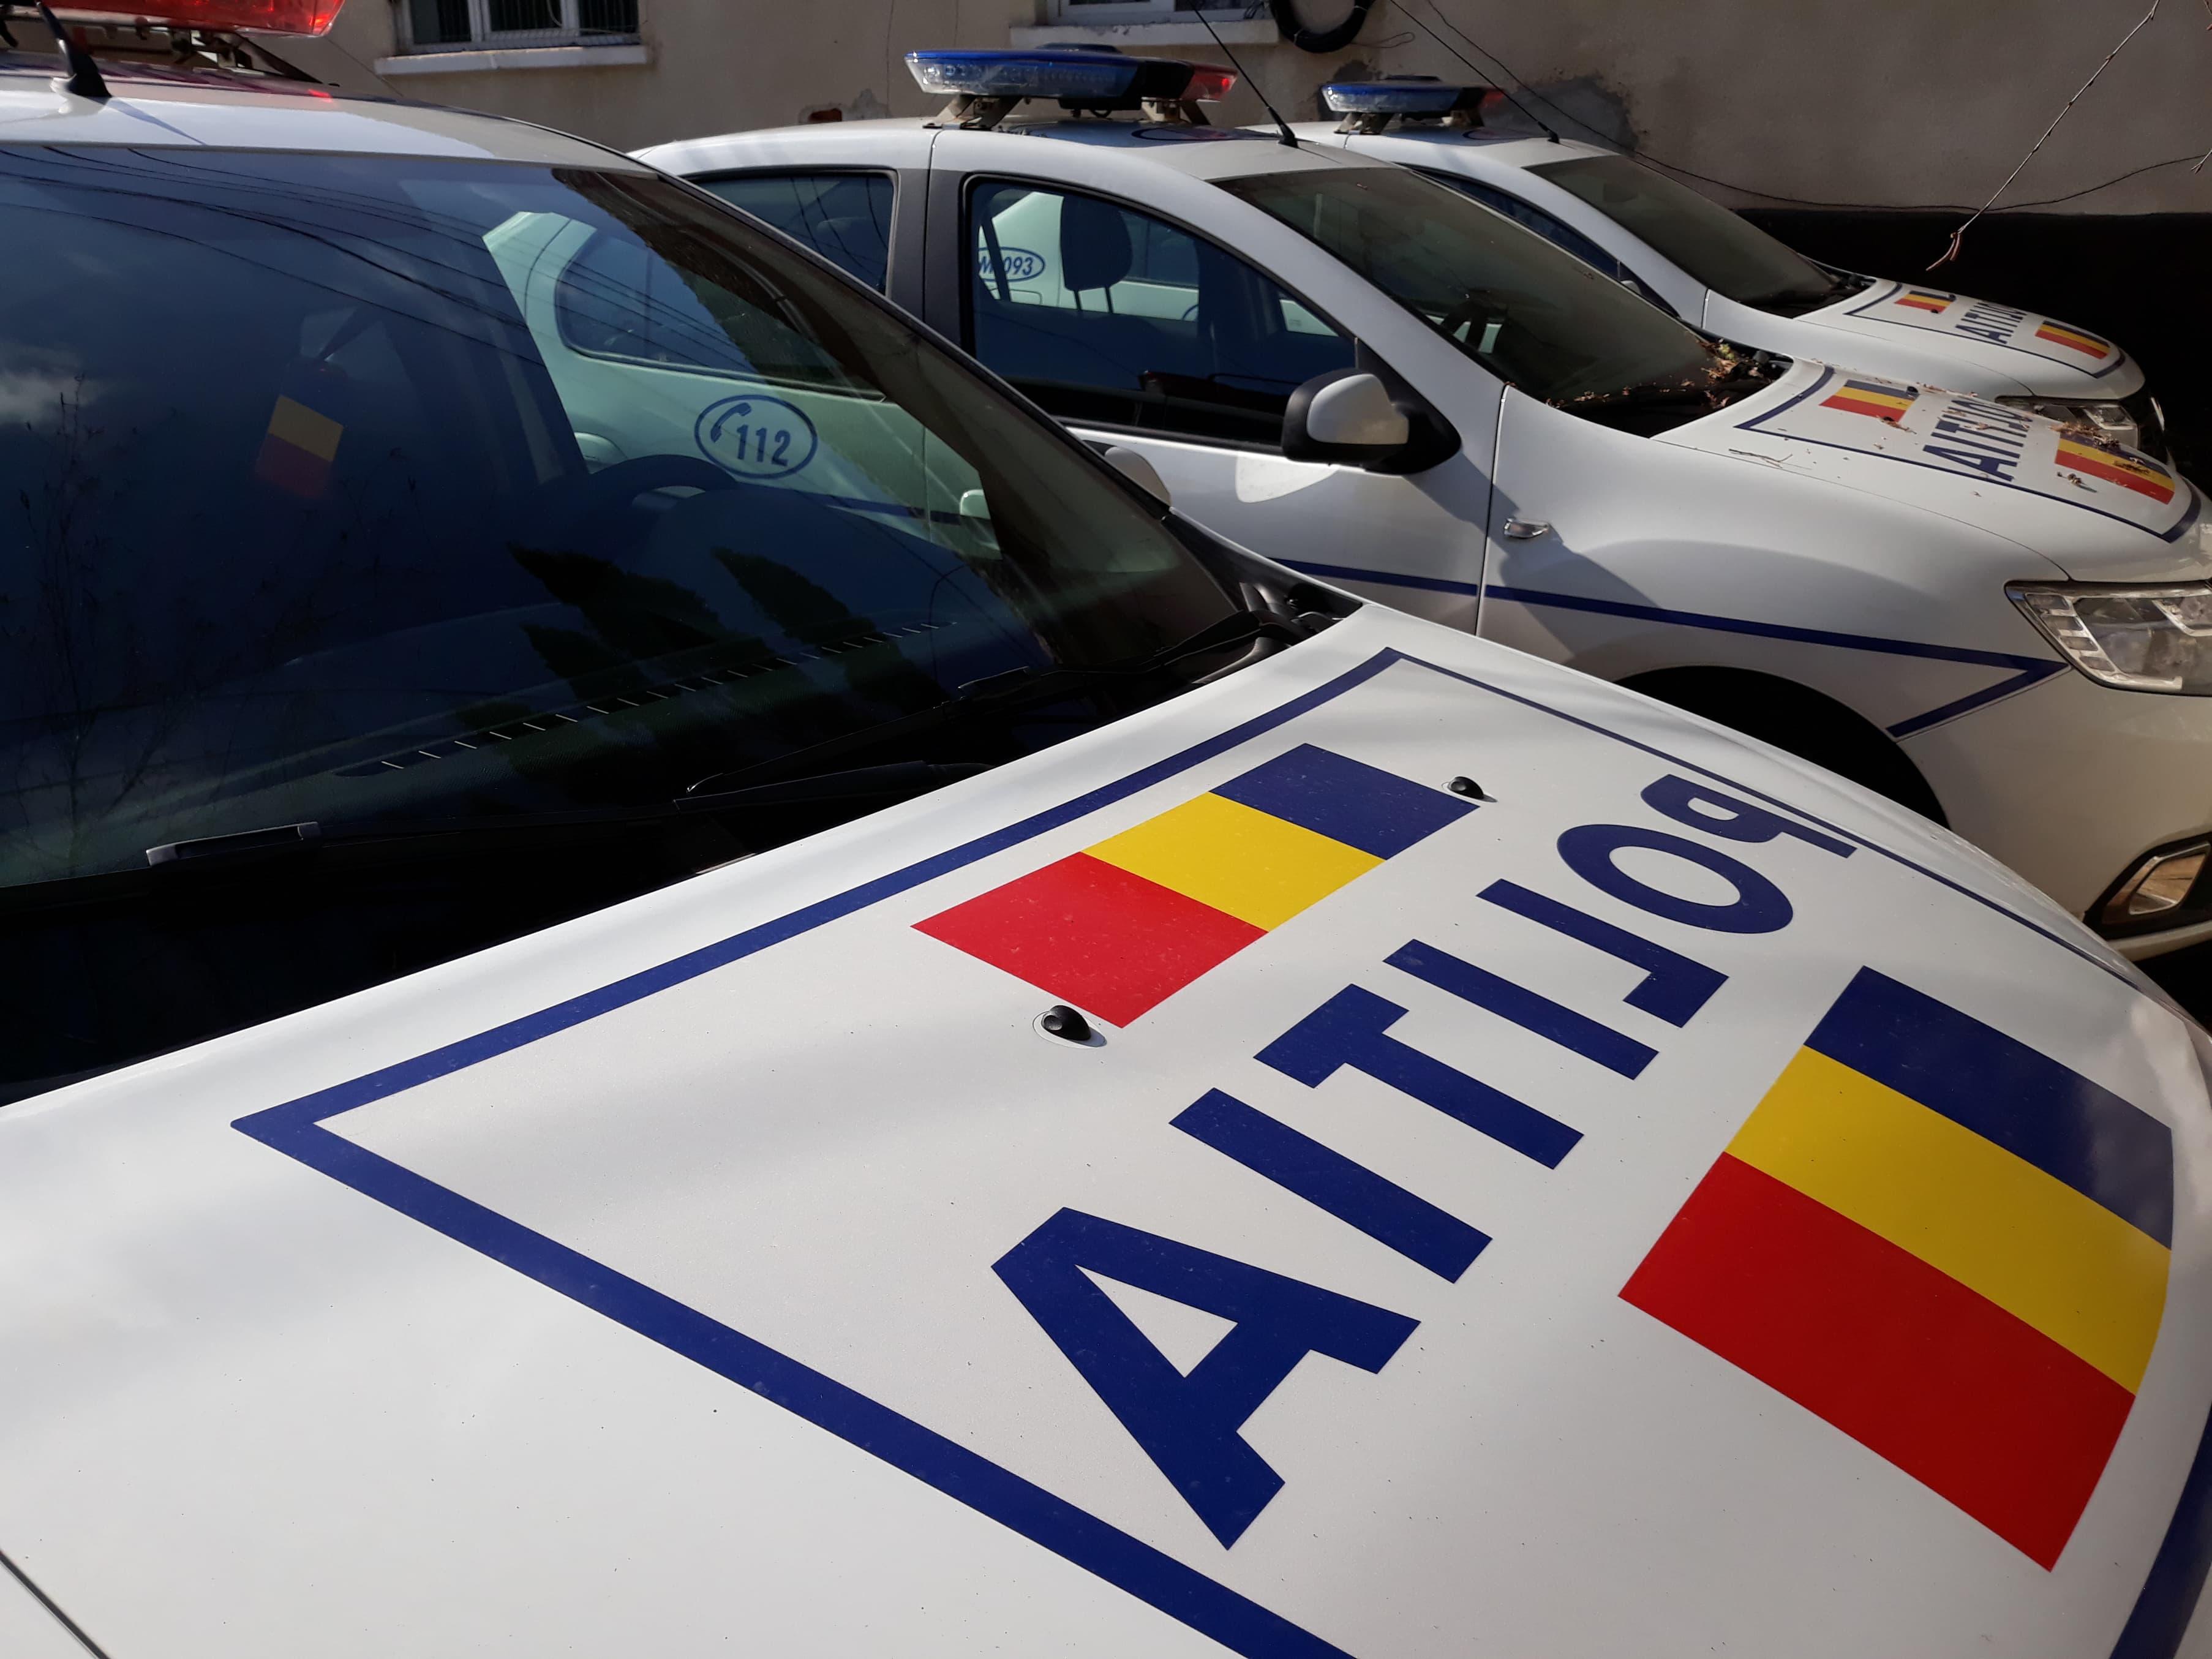 Nu mai e o noutate: 50 de sanctiuni contraventionale aplicate intr-o singura zi de politistii Serviciului Rutier